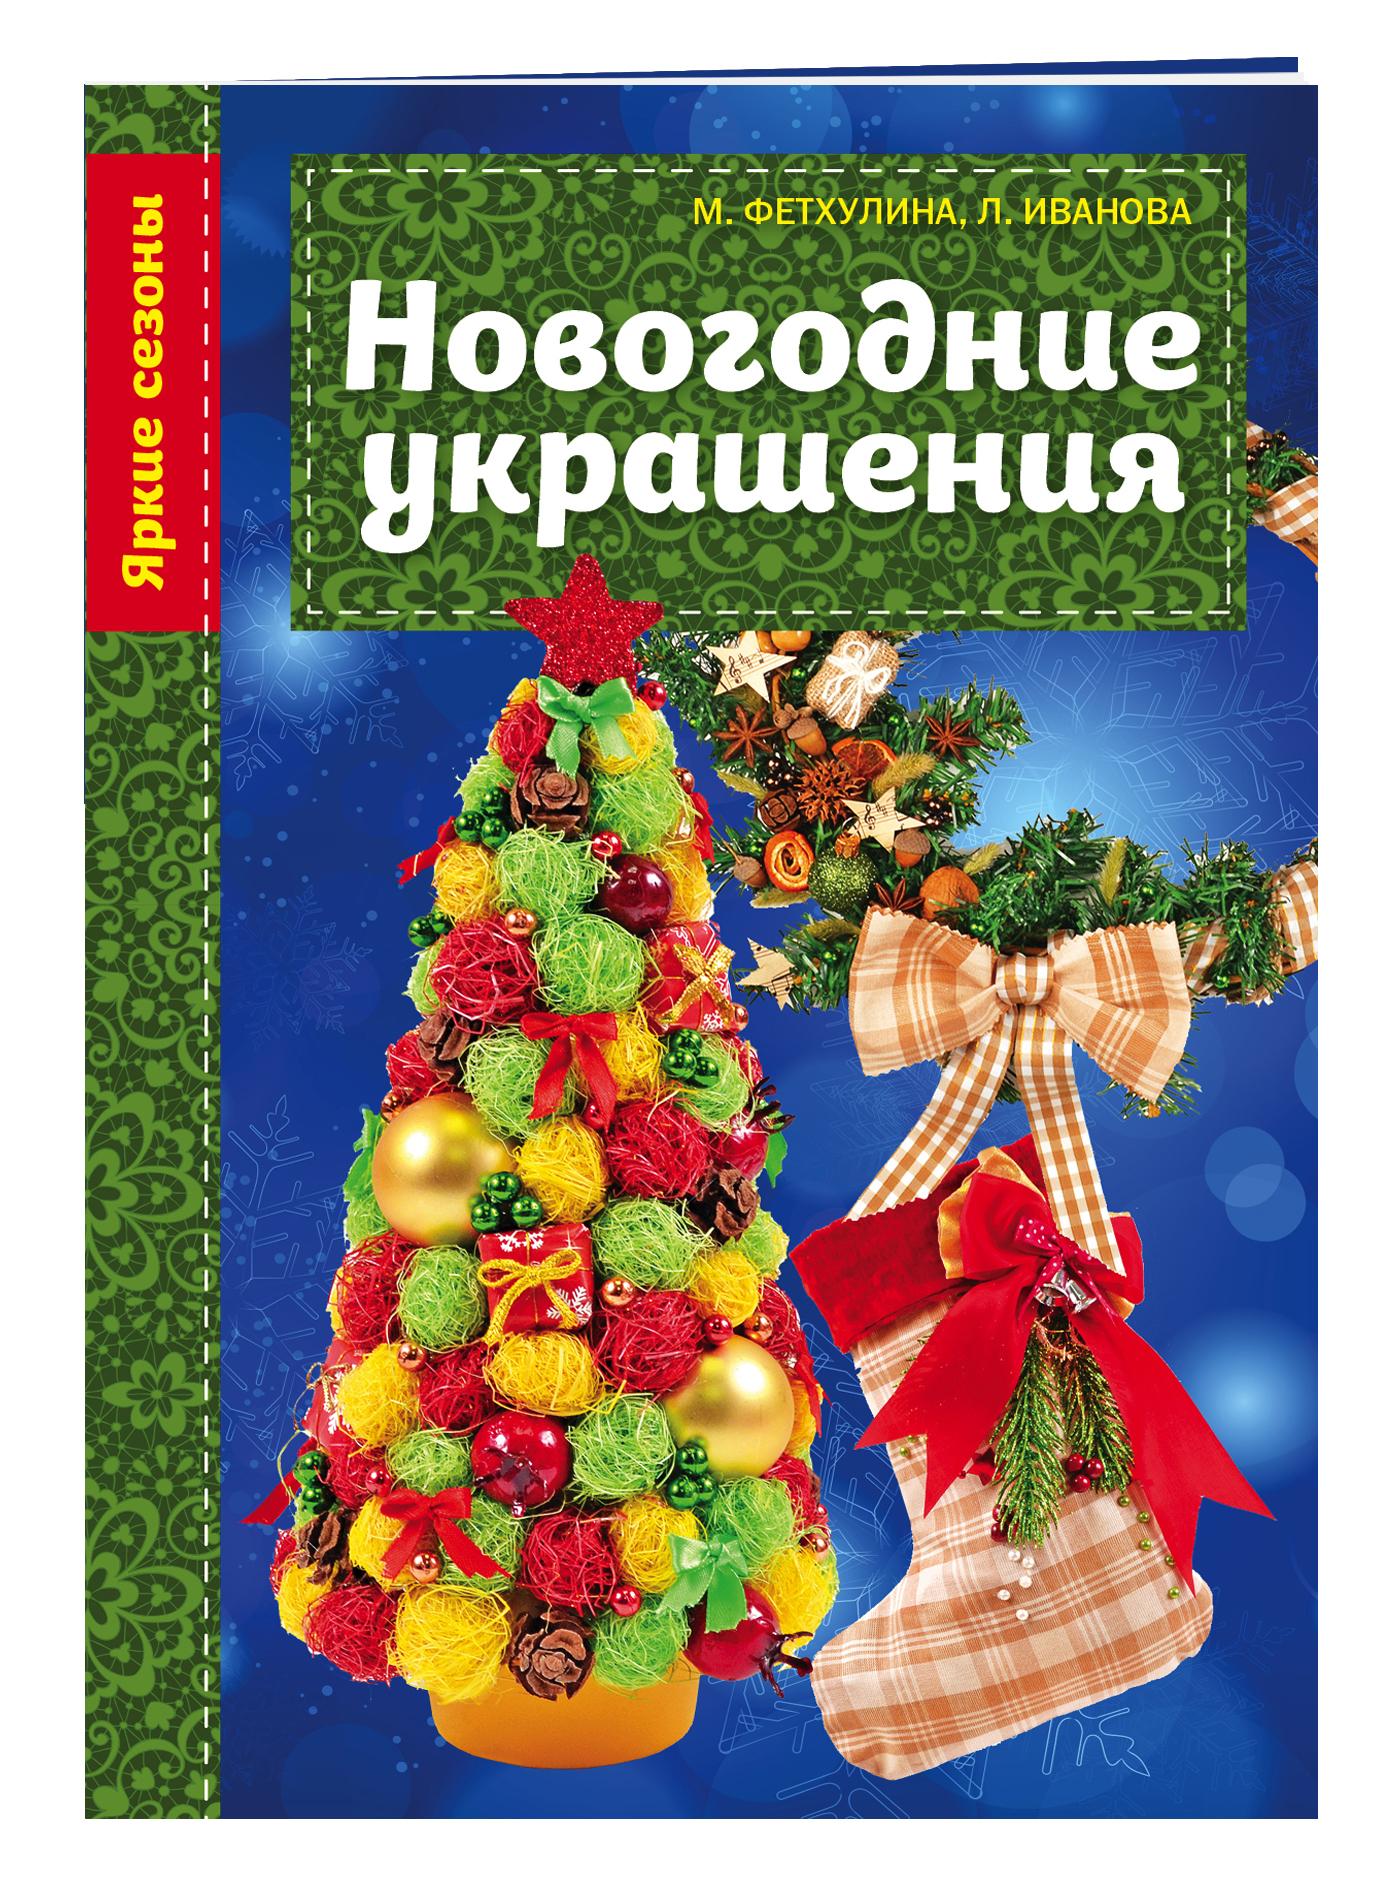 Новогодние украшения ( Фетхулина М.М., Иванова Л.М.  )